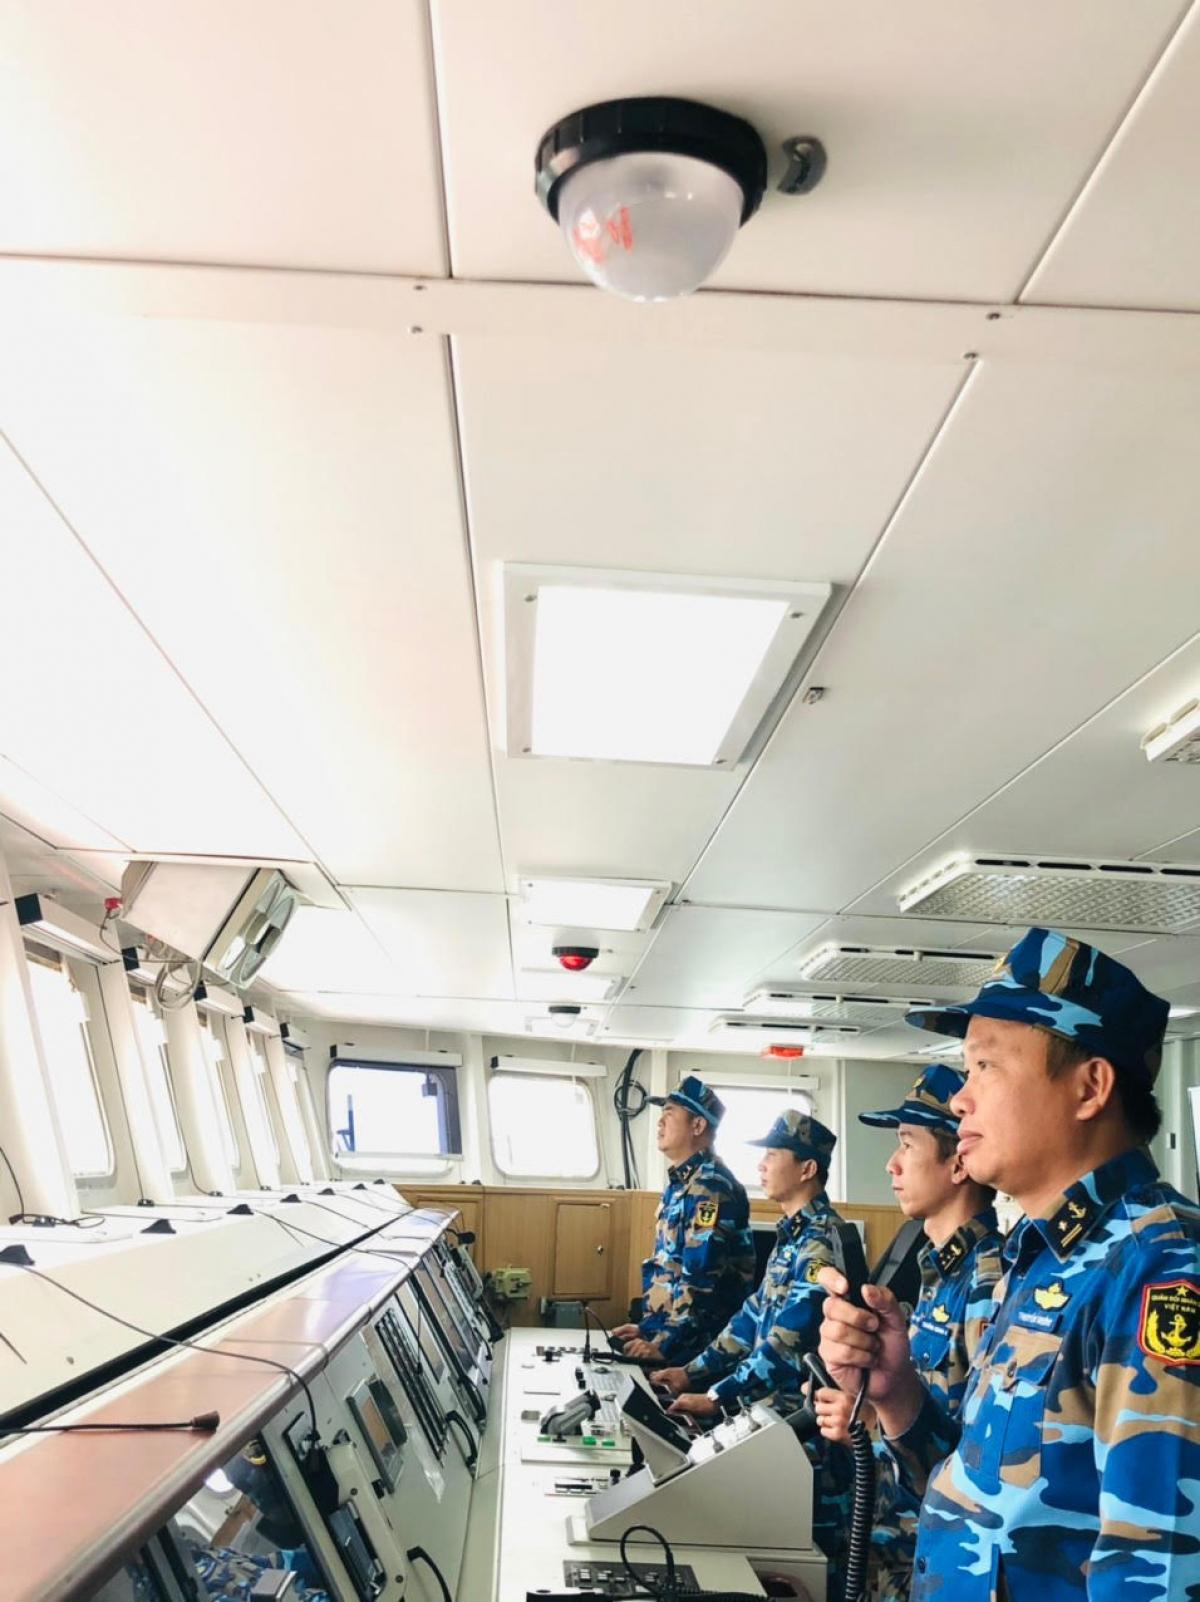 Thuyền trưởng Trần Văn Vương (cầm bộ đàm) đang chỉ huy huấn luyện.